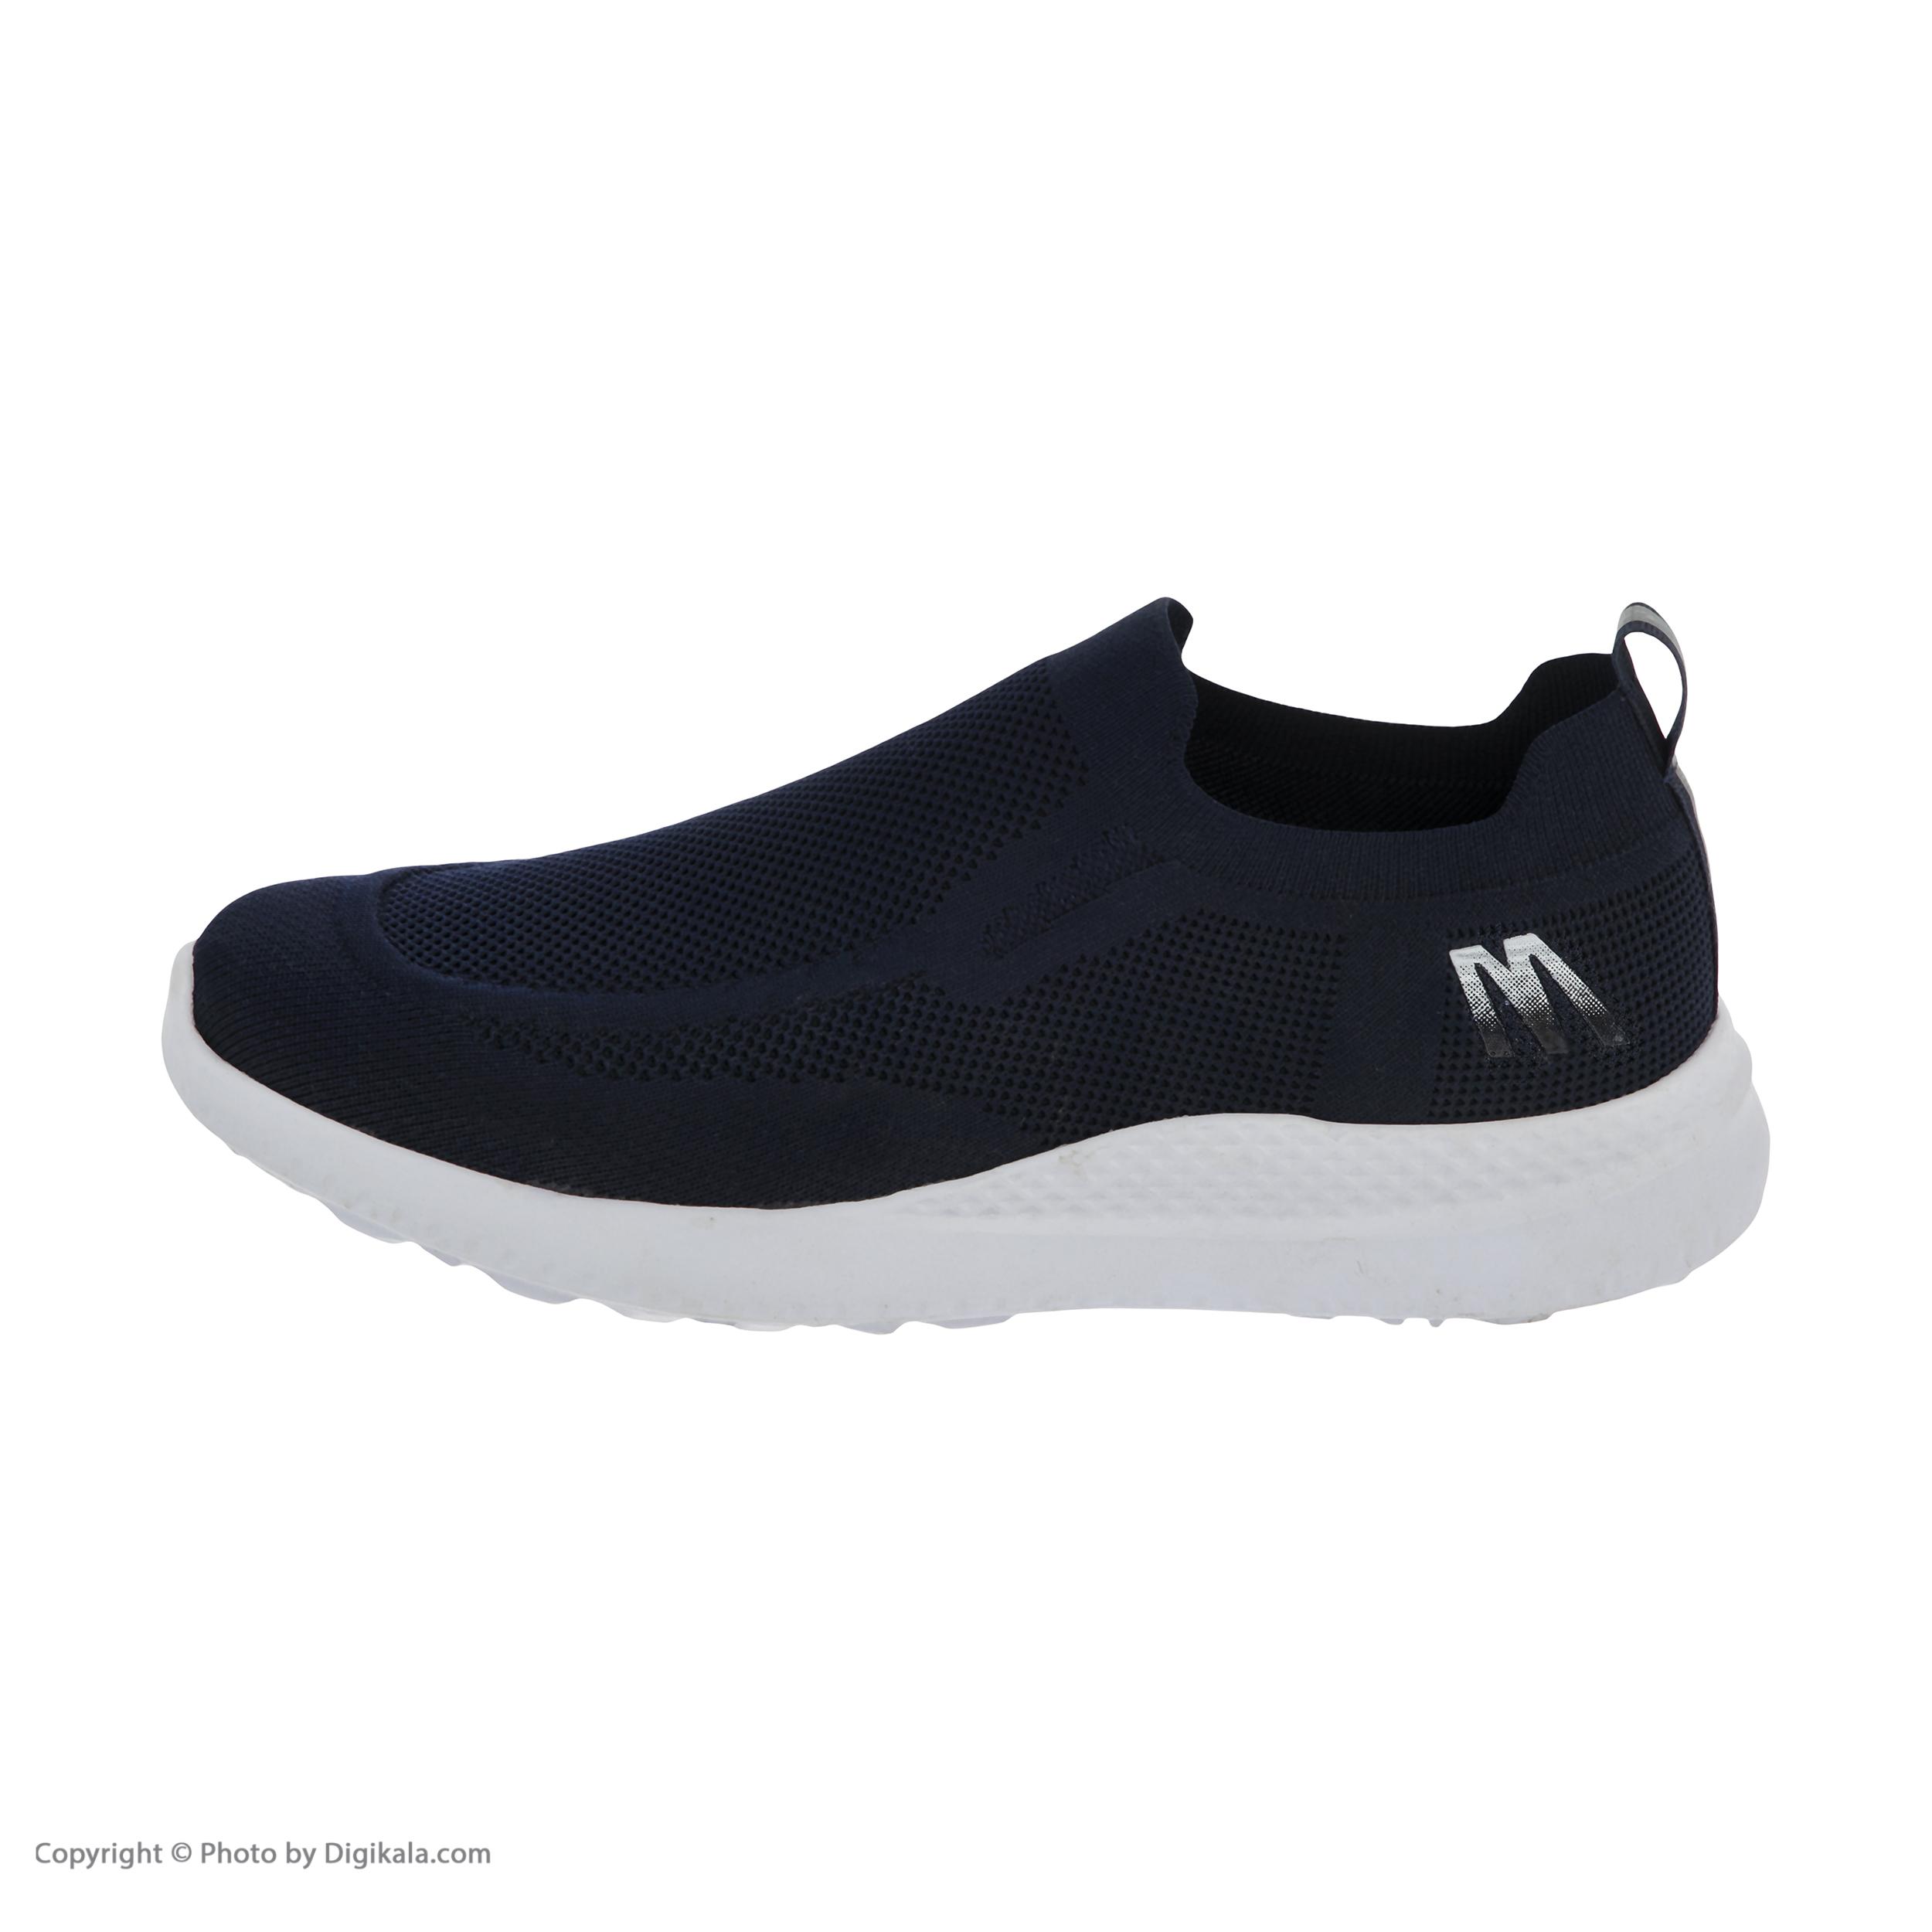 کفش راحتی مردانه مل اند موژ مدل 1020-15-400 main 1 2